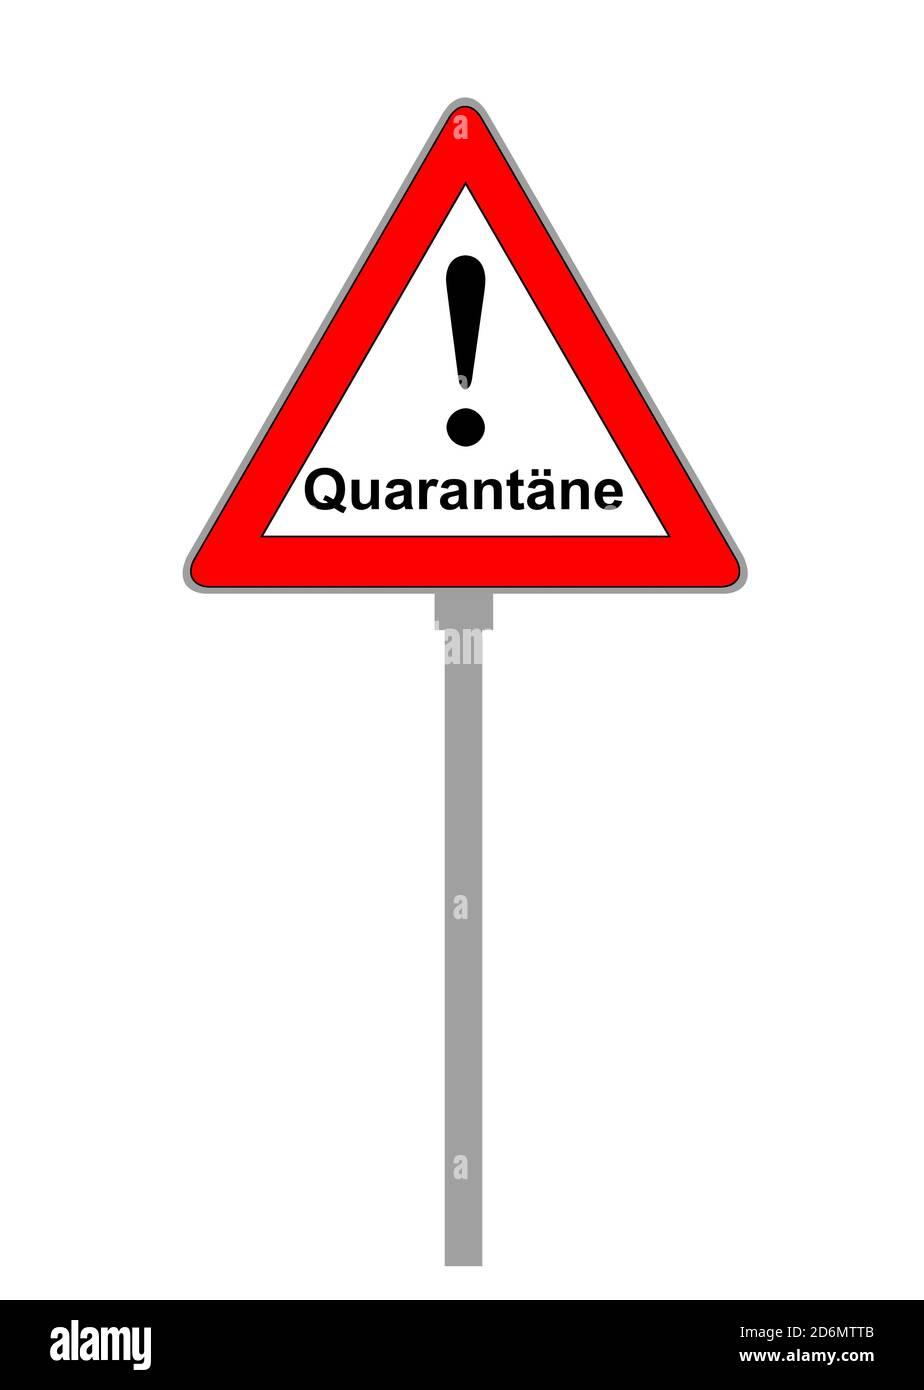 Quarantine warning plate isolated against white background Stock Photo